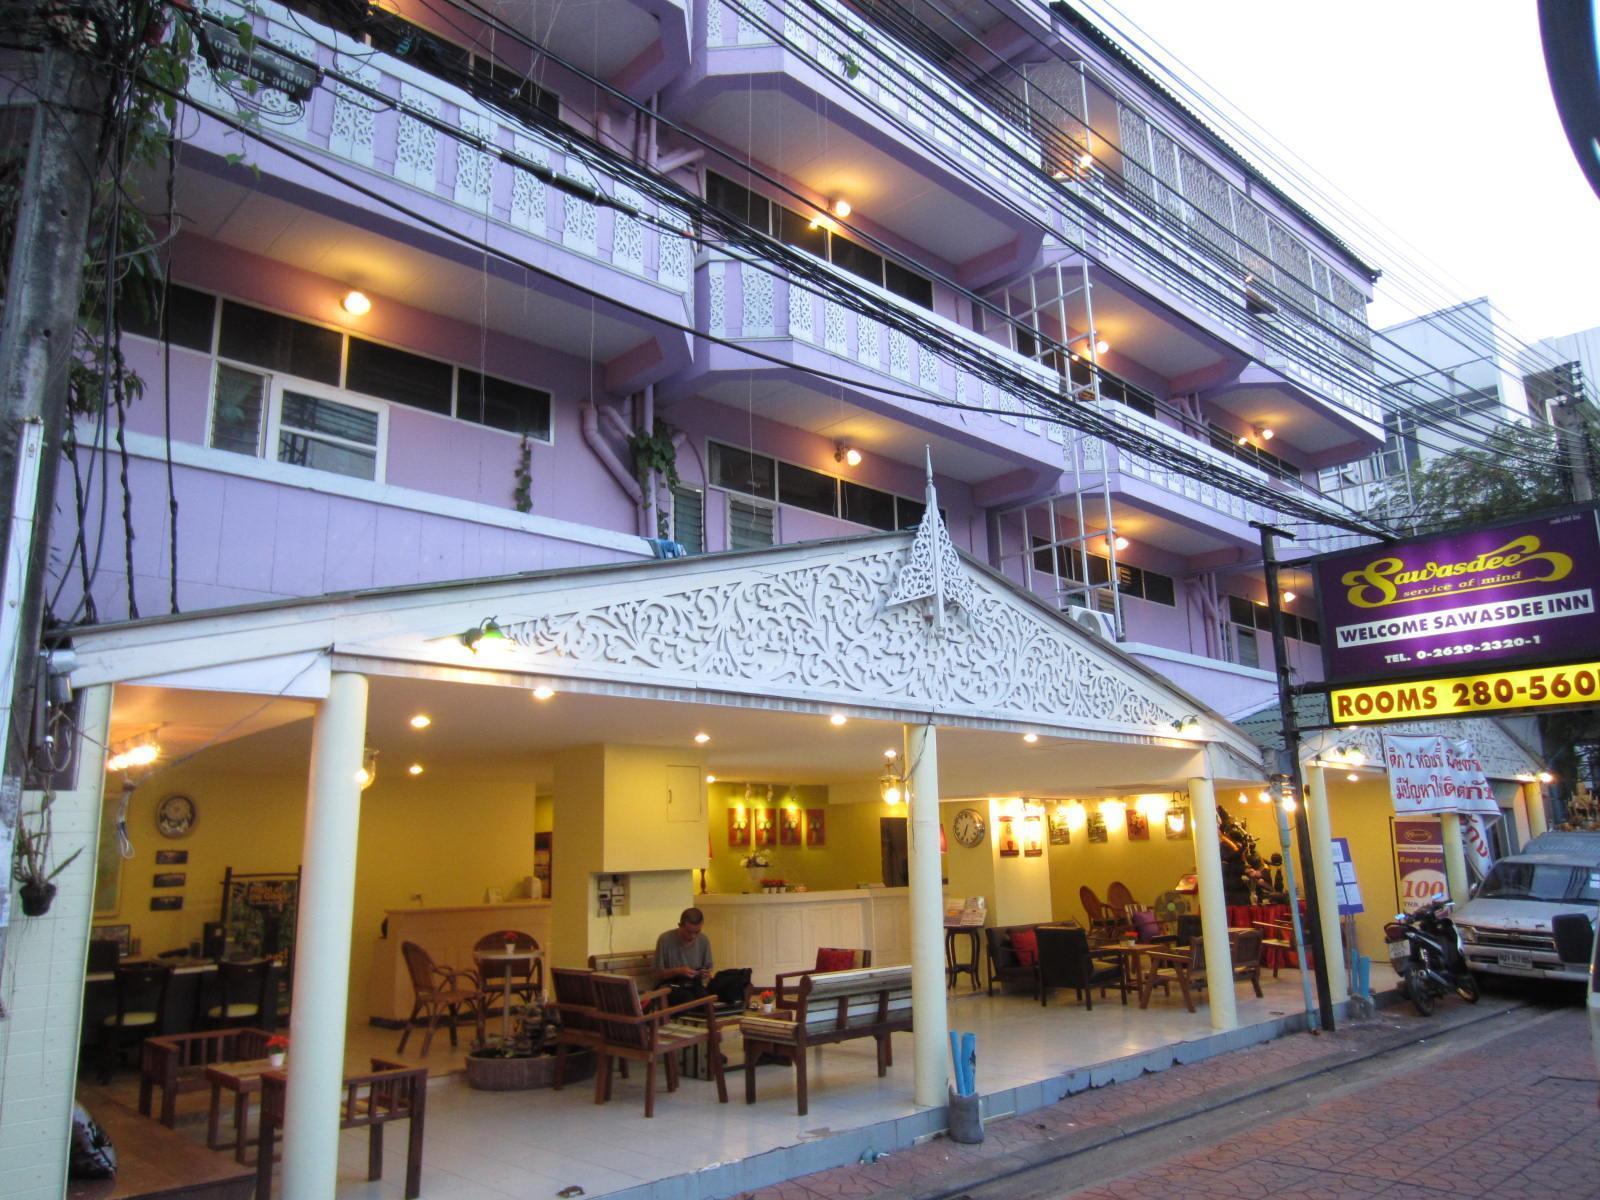 Hotell Sawasdee Welcome Inn Hotel i , Bangkok. Klicka för att läsa mer och skicka bokningsförfrågan